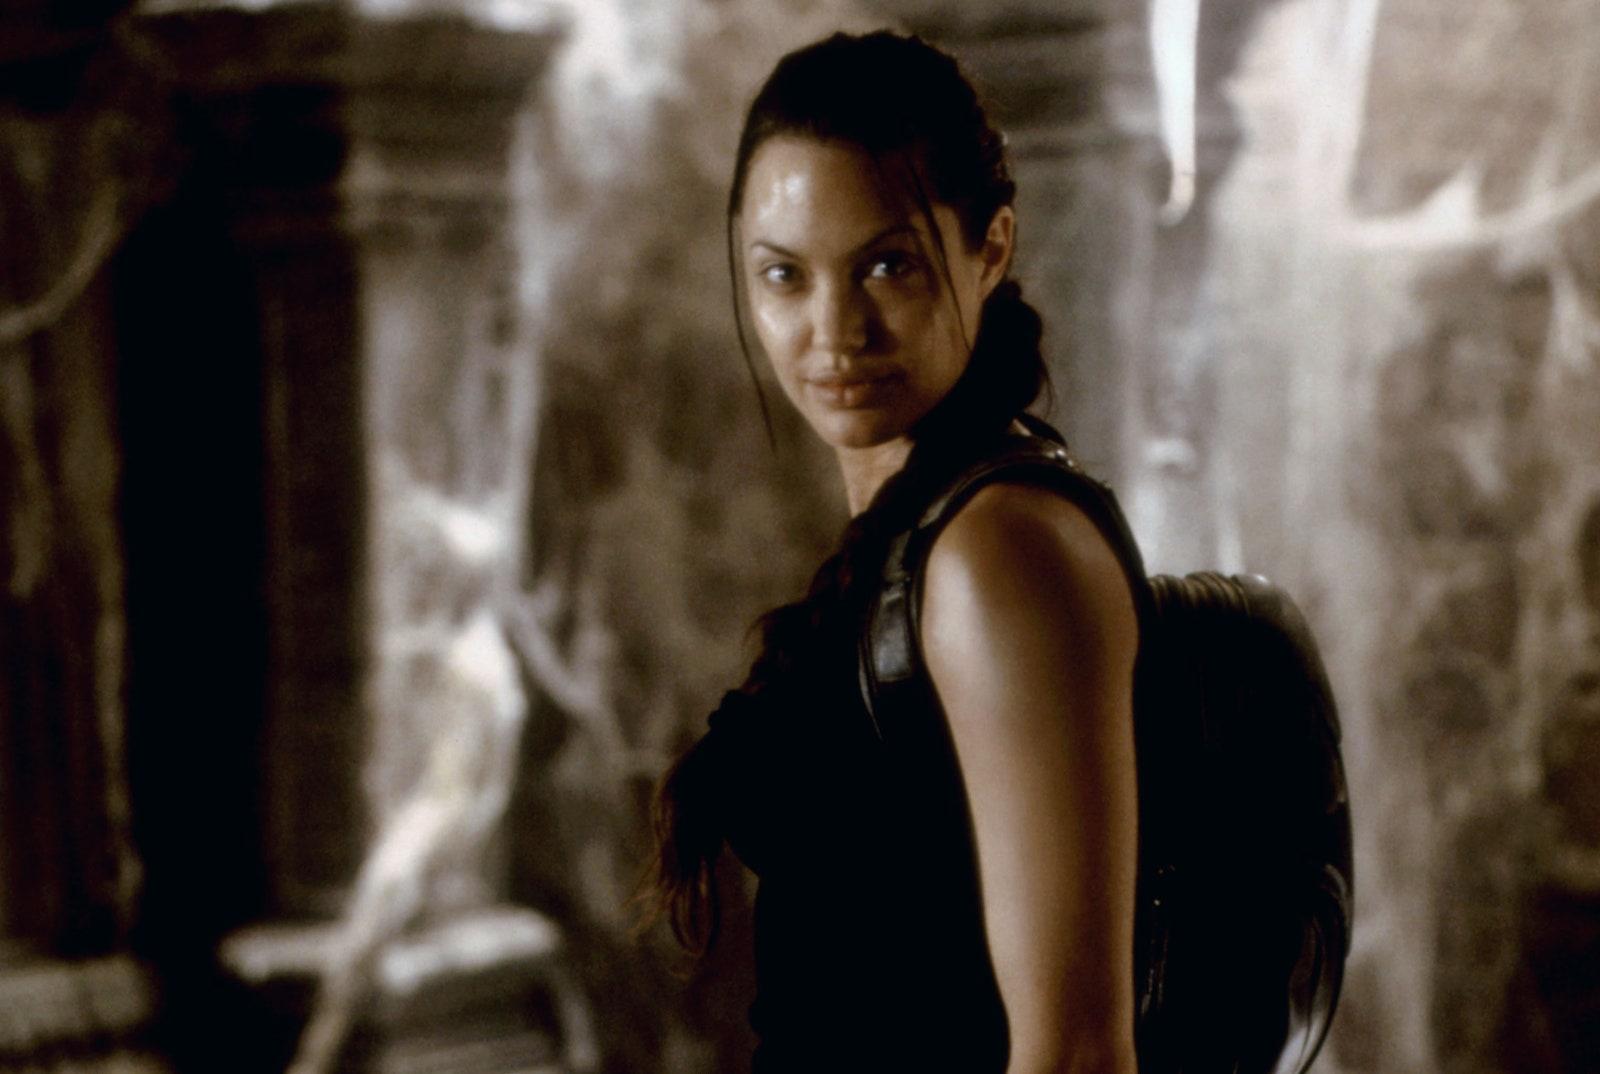 รีวิวเรื่อง Lara Croft: Tomb Raider (2001)